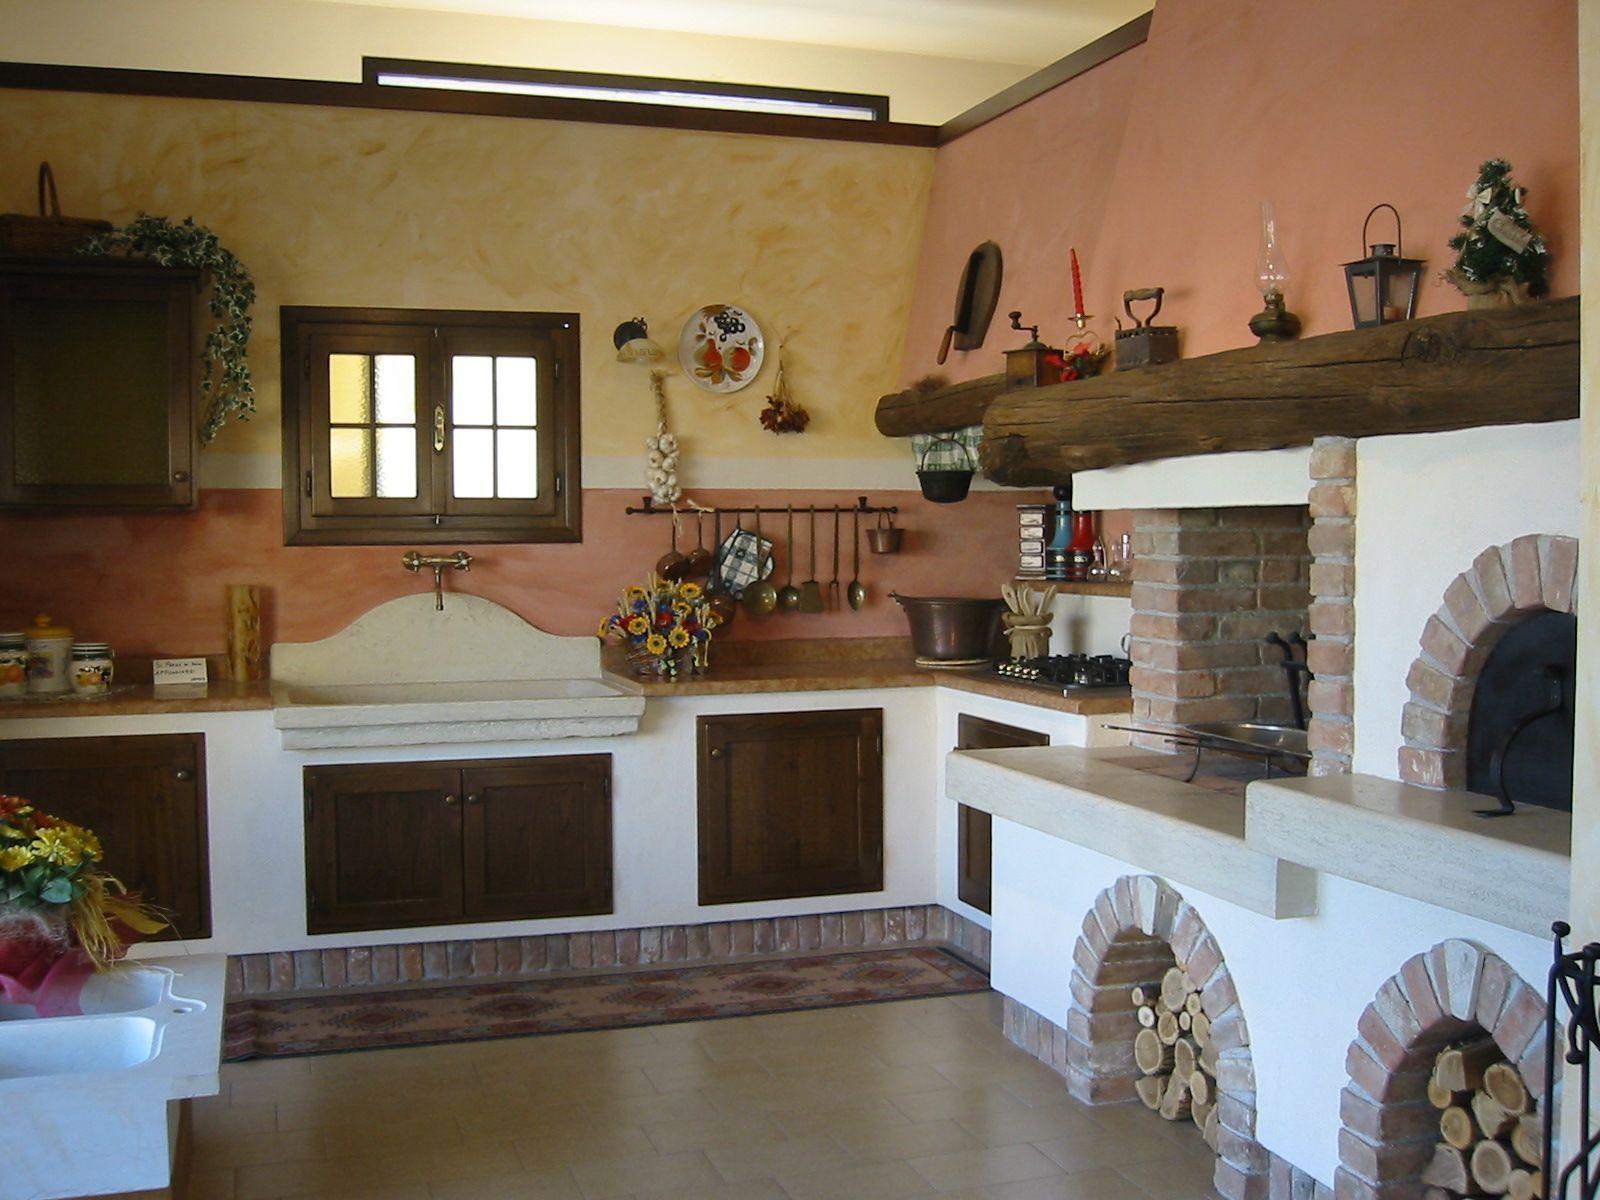 rivestimento cucina muratura - Cerca con Google | House Plans ...